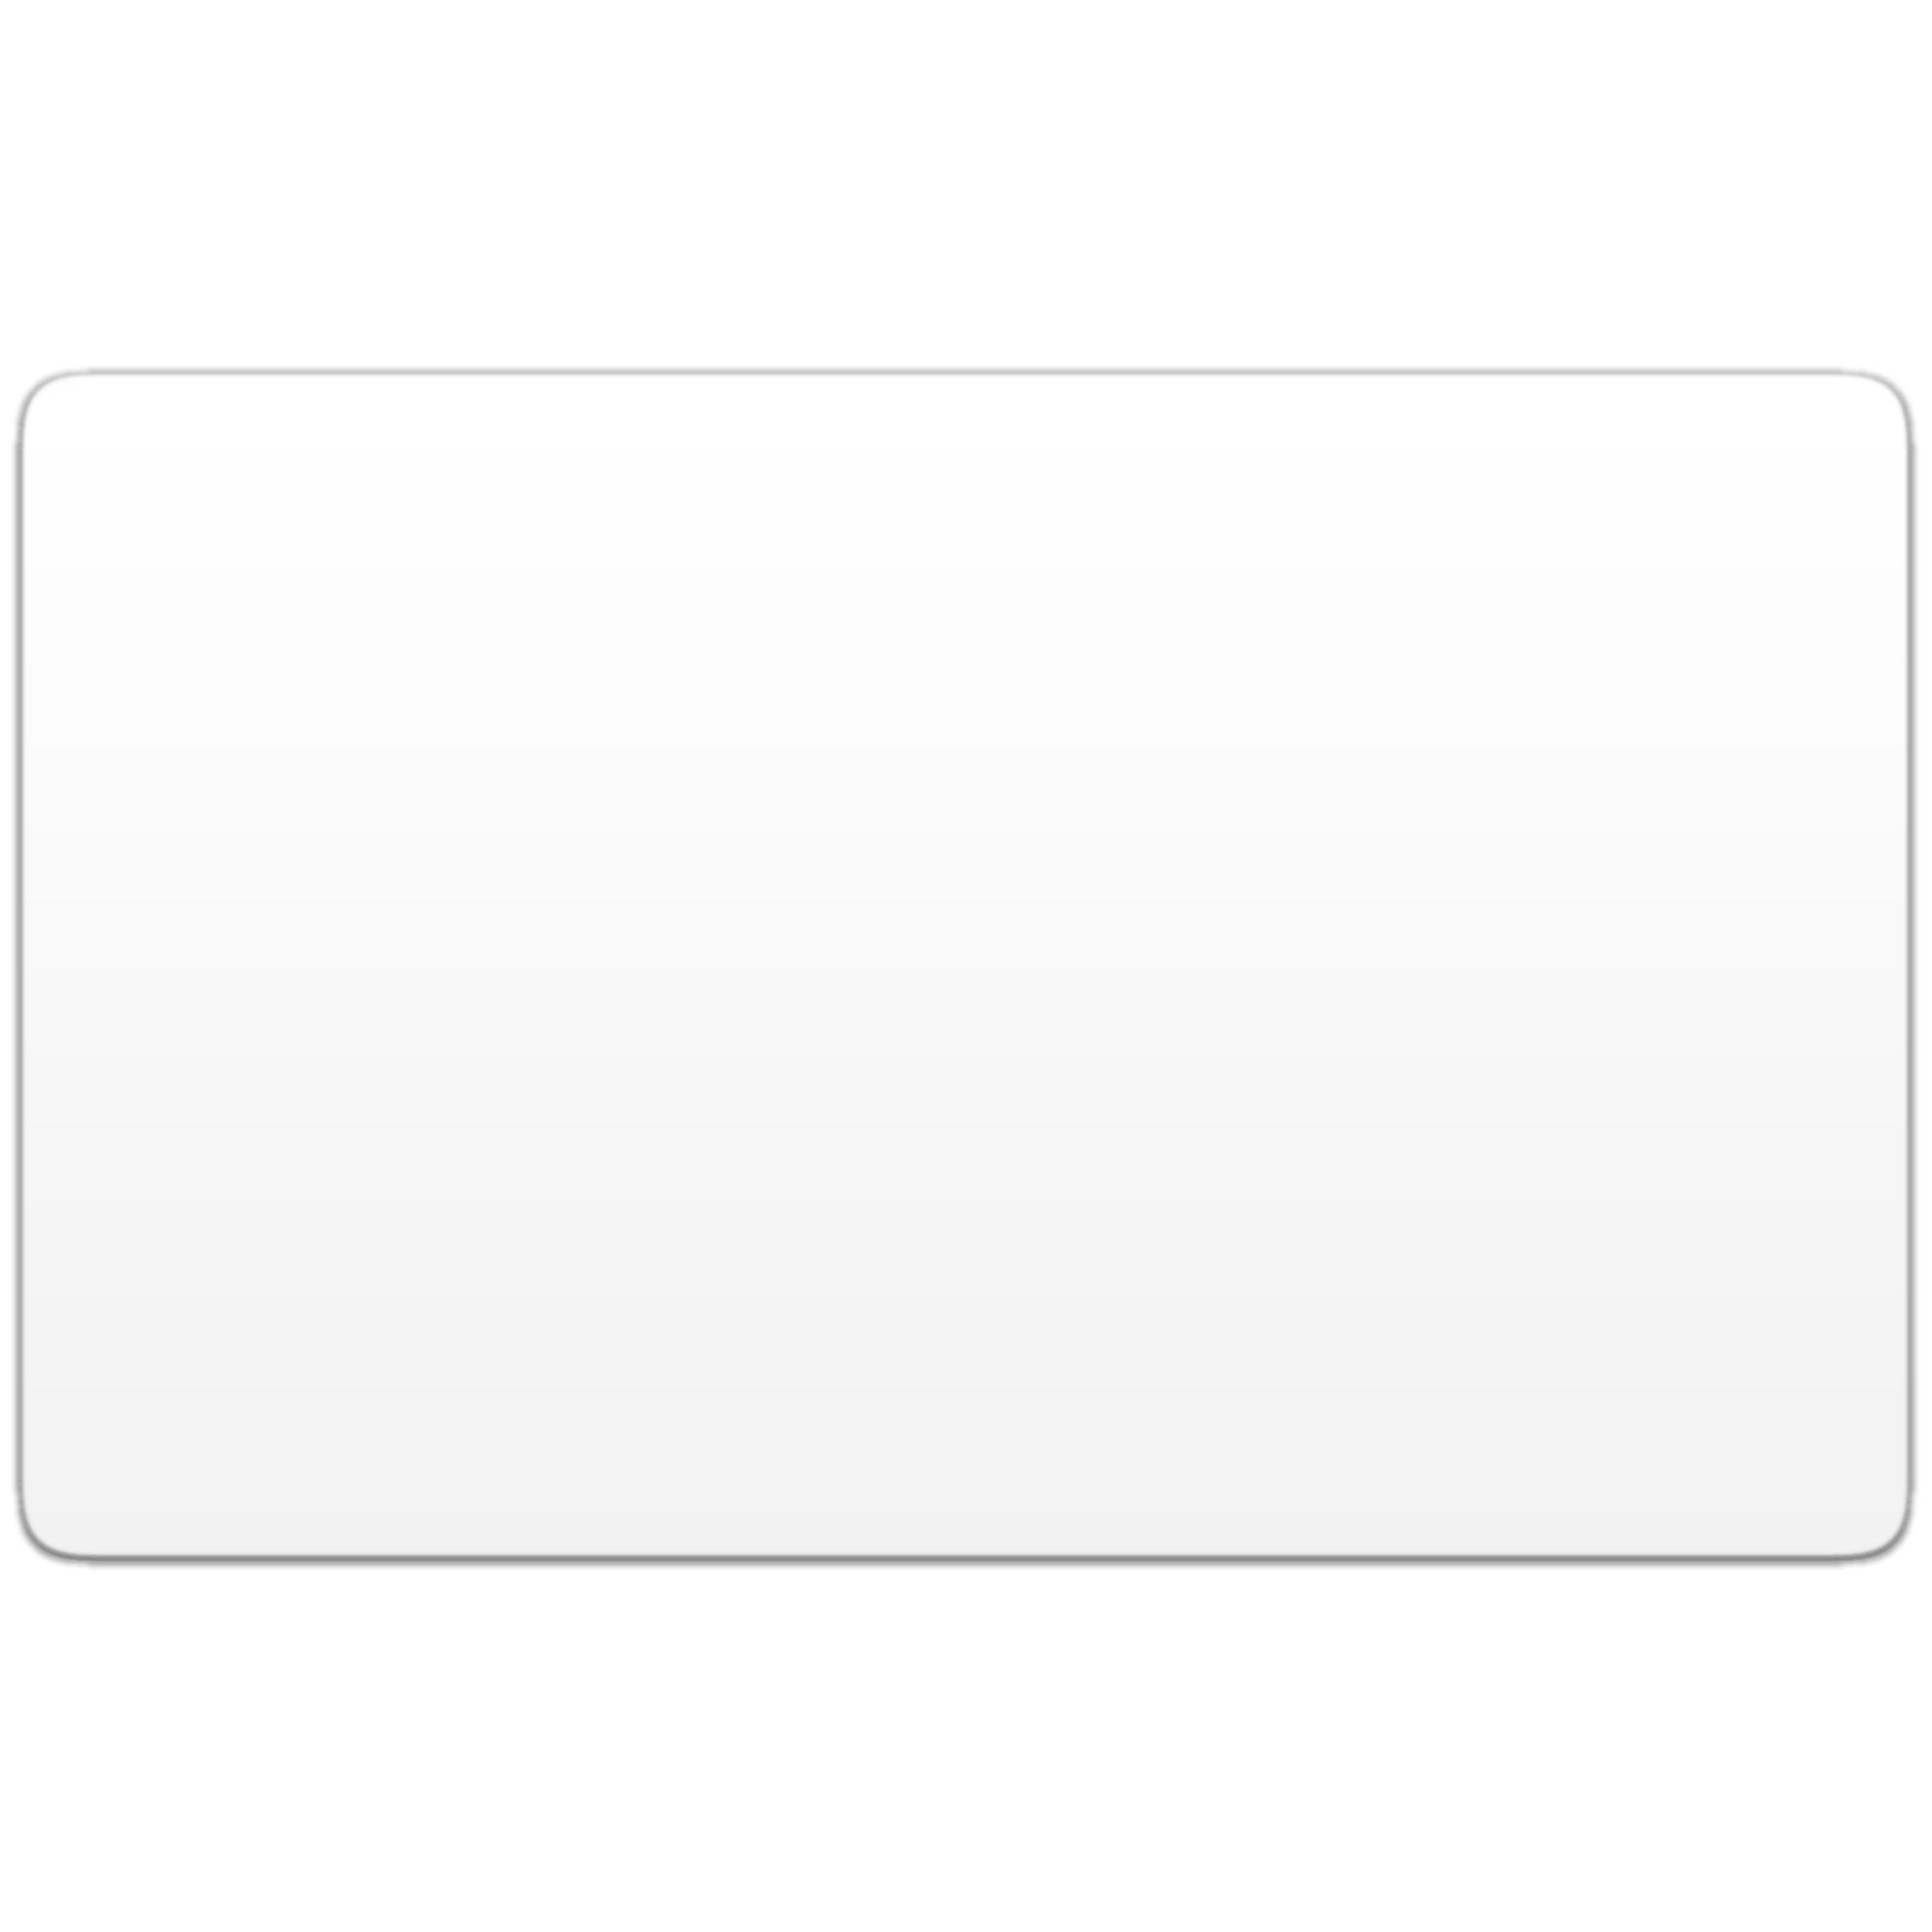 Бесконтактная пластиковая карта HID Indala FlexCard для прямой печати